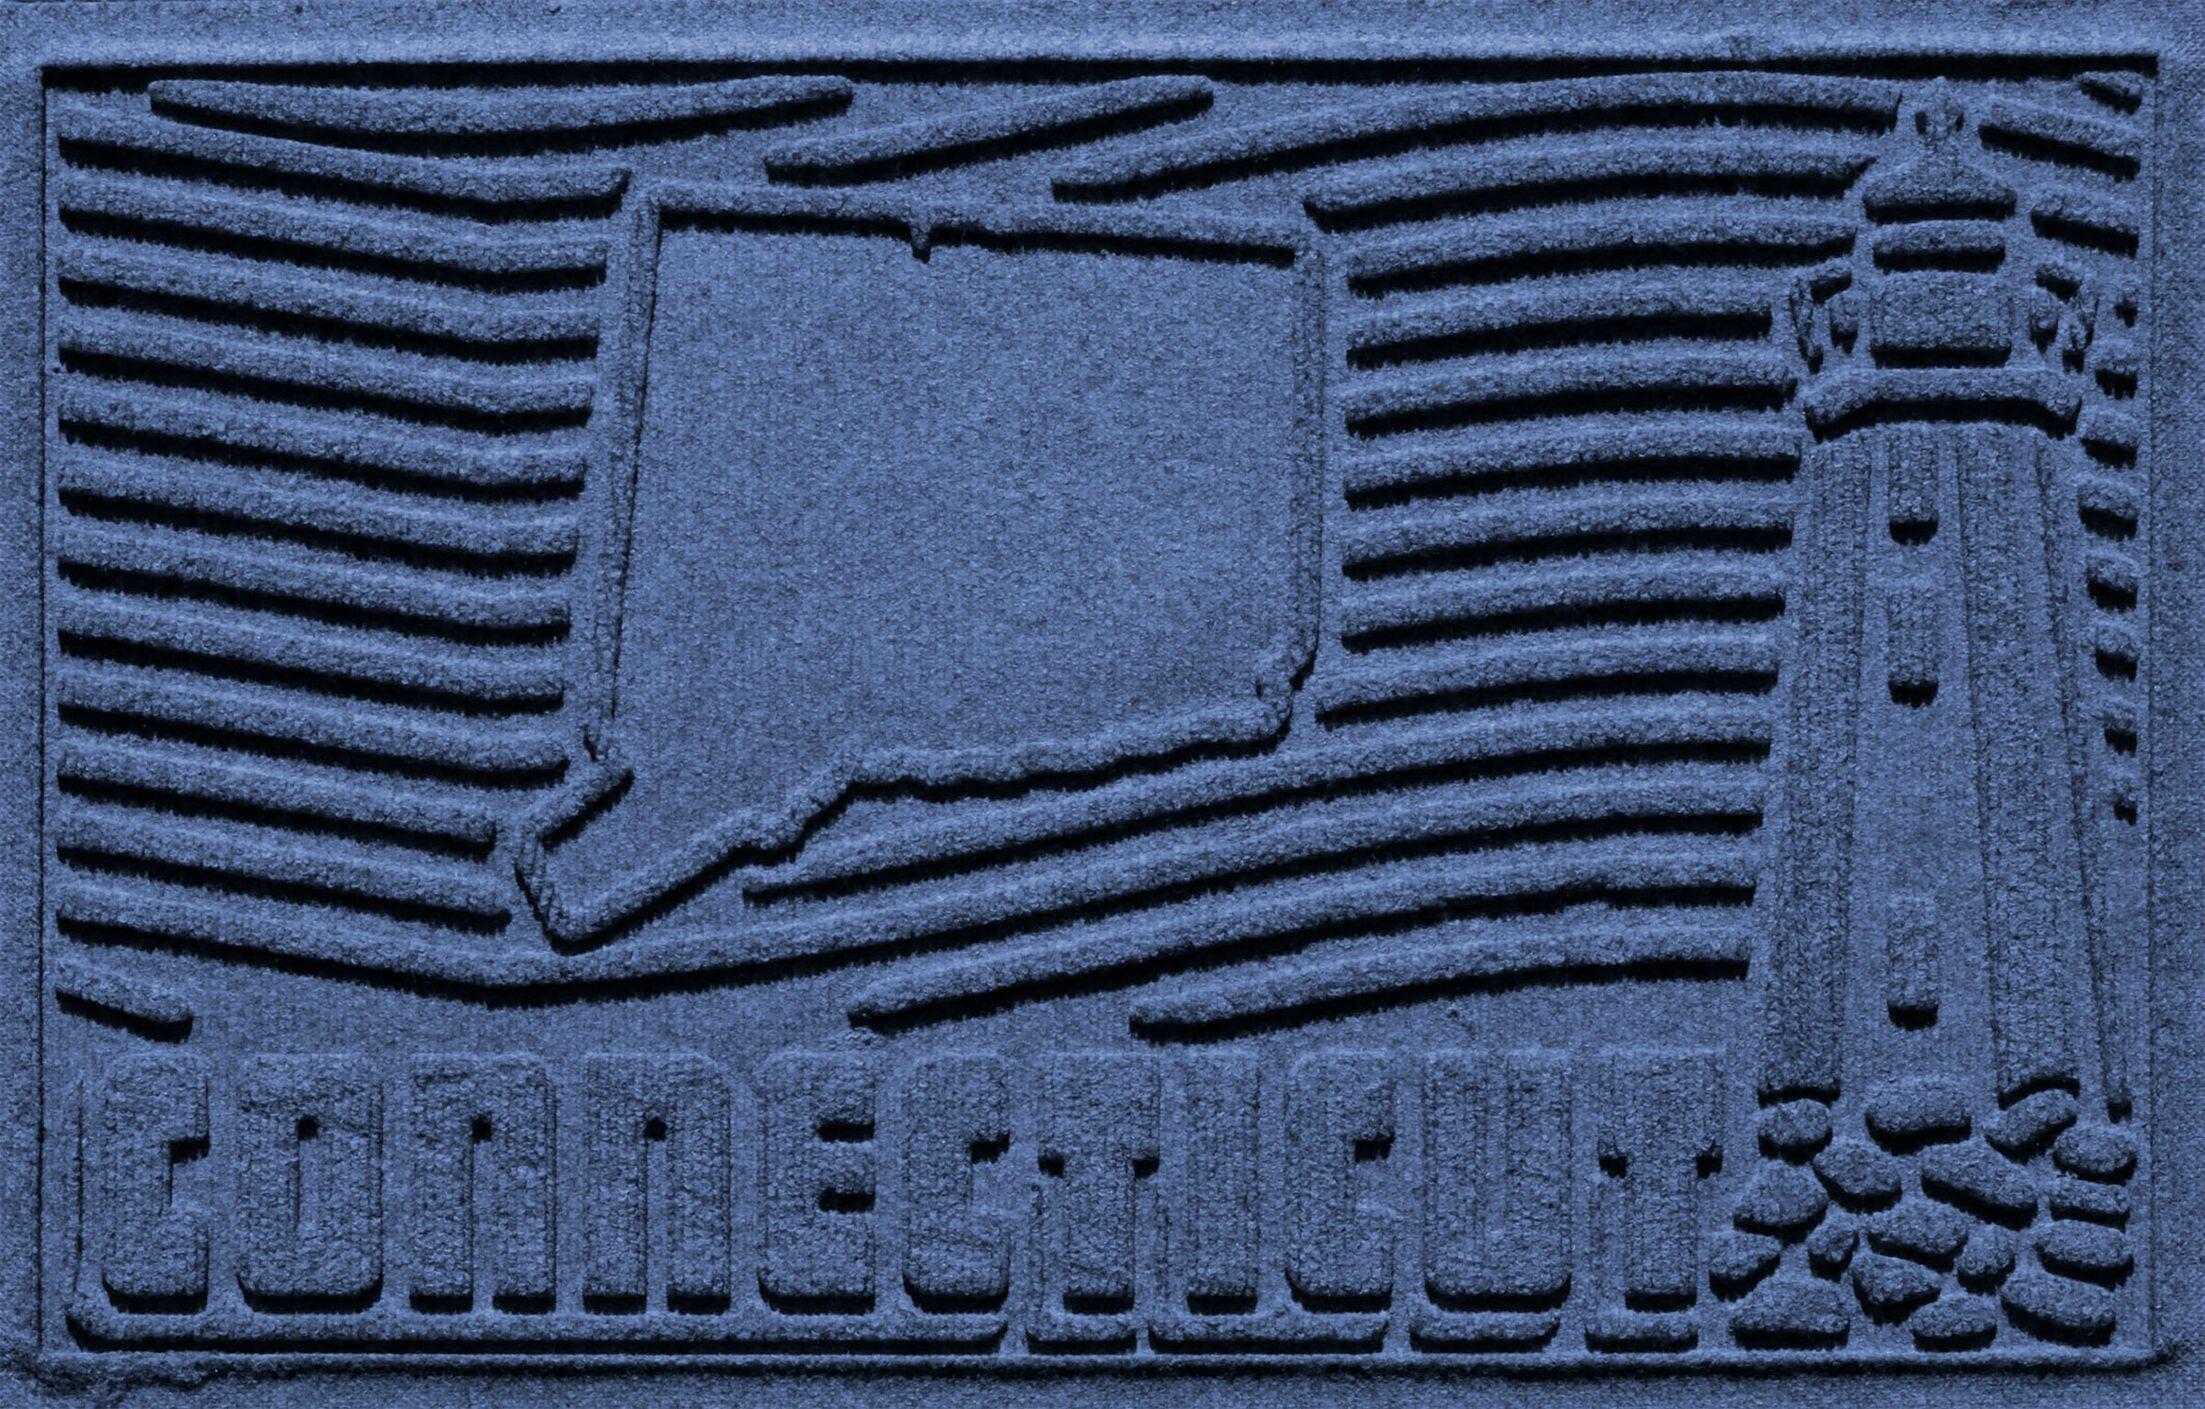 Aqua Shield Connecticut Doormat Color: Navy